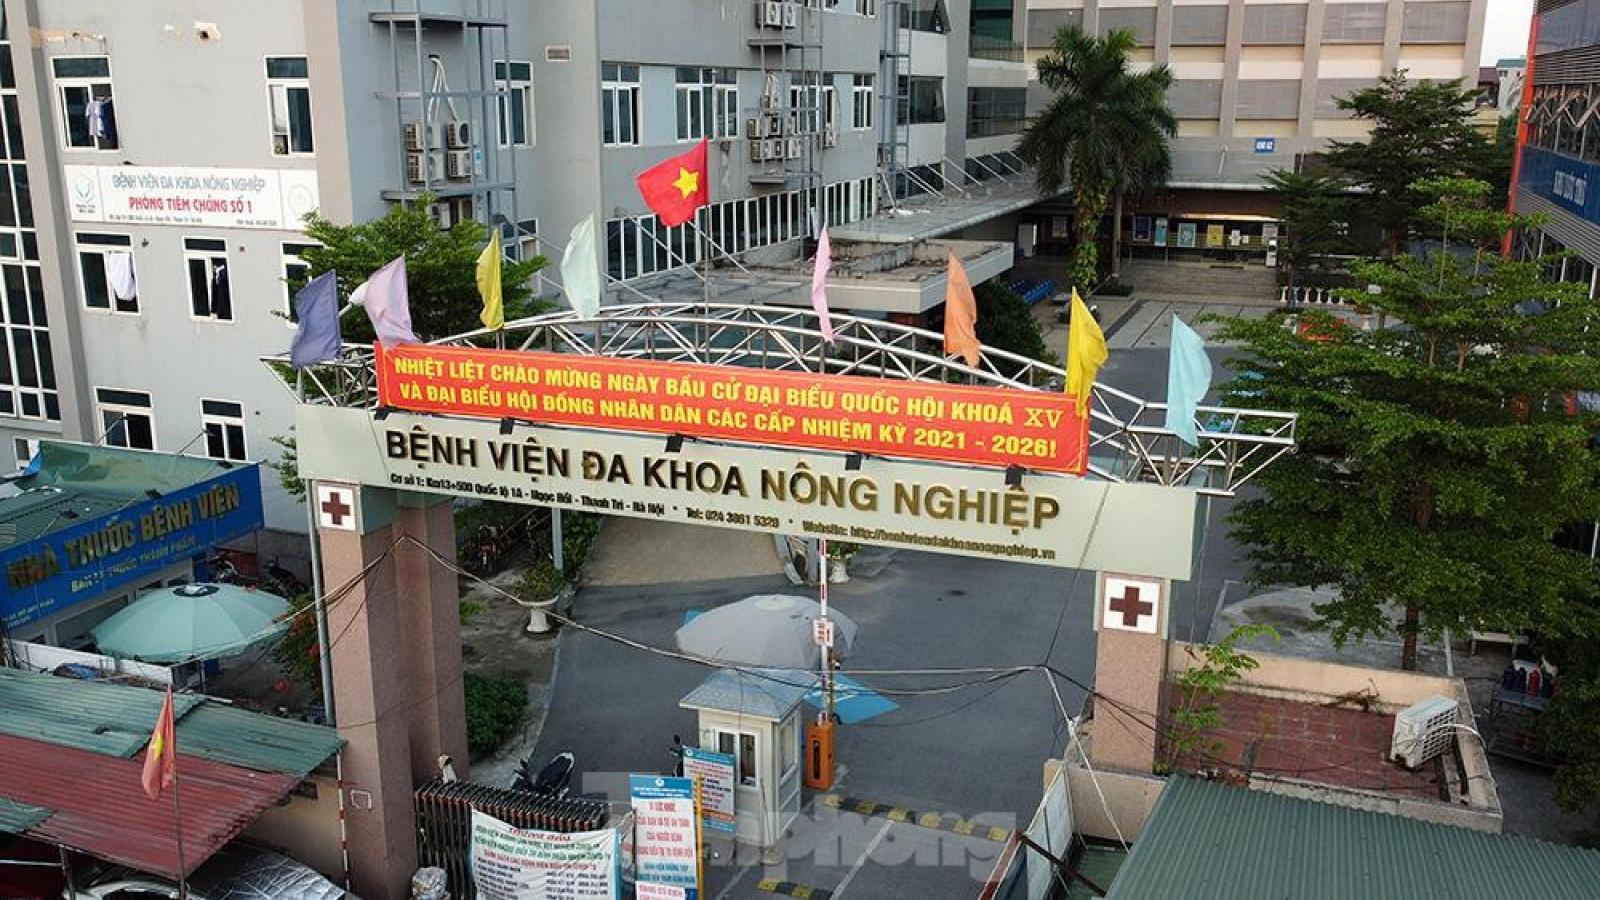 Hà Nội phong tỏa tạm thời Bệnh viện Đa khoa Nông nghiệp